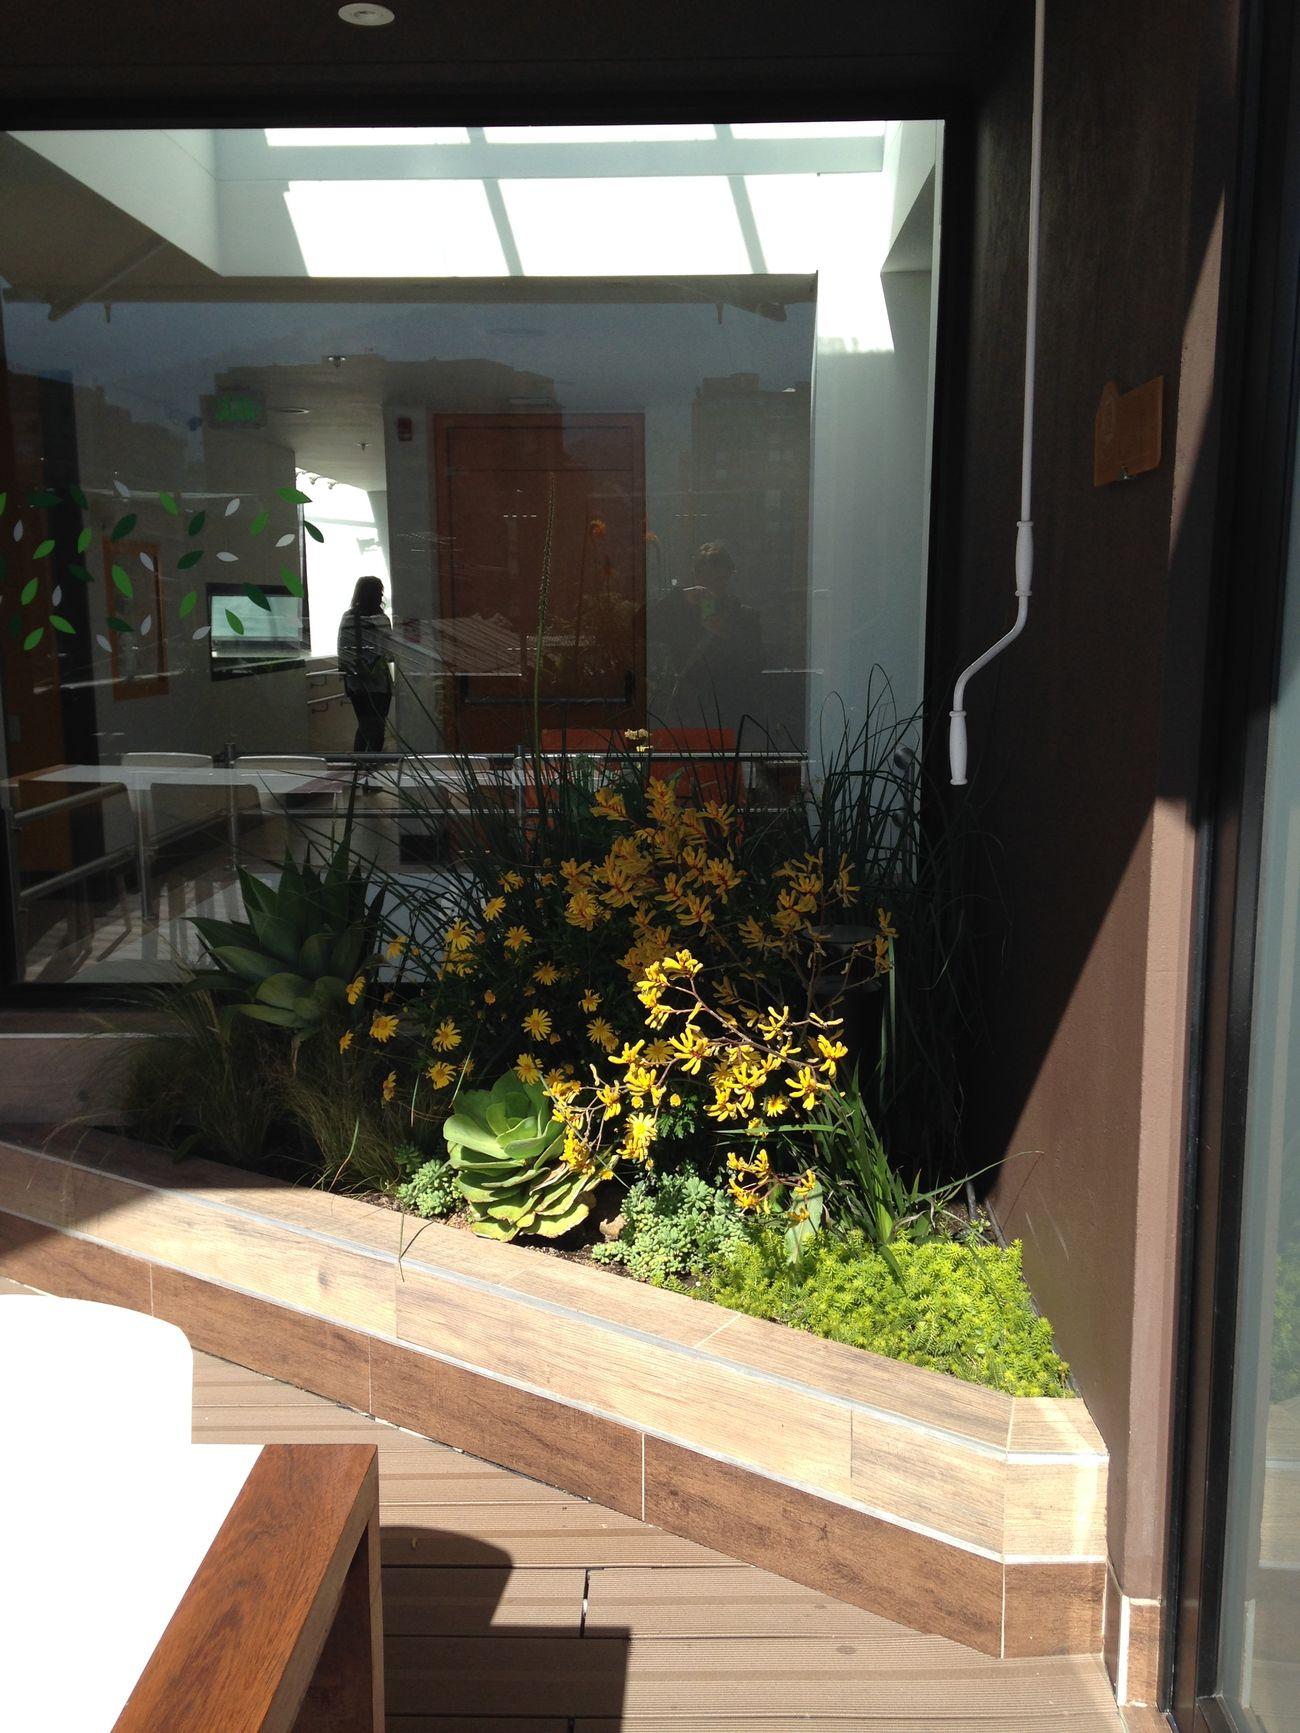 Paisajismo y decoraci n de jardines bogot y colombia vert n for Jardines de pared para interiores